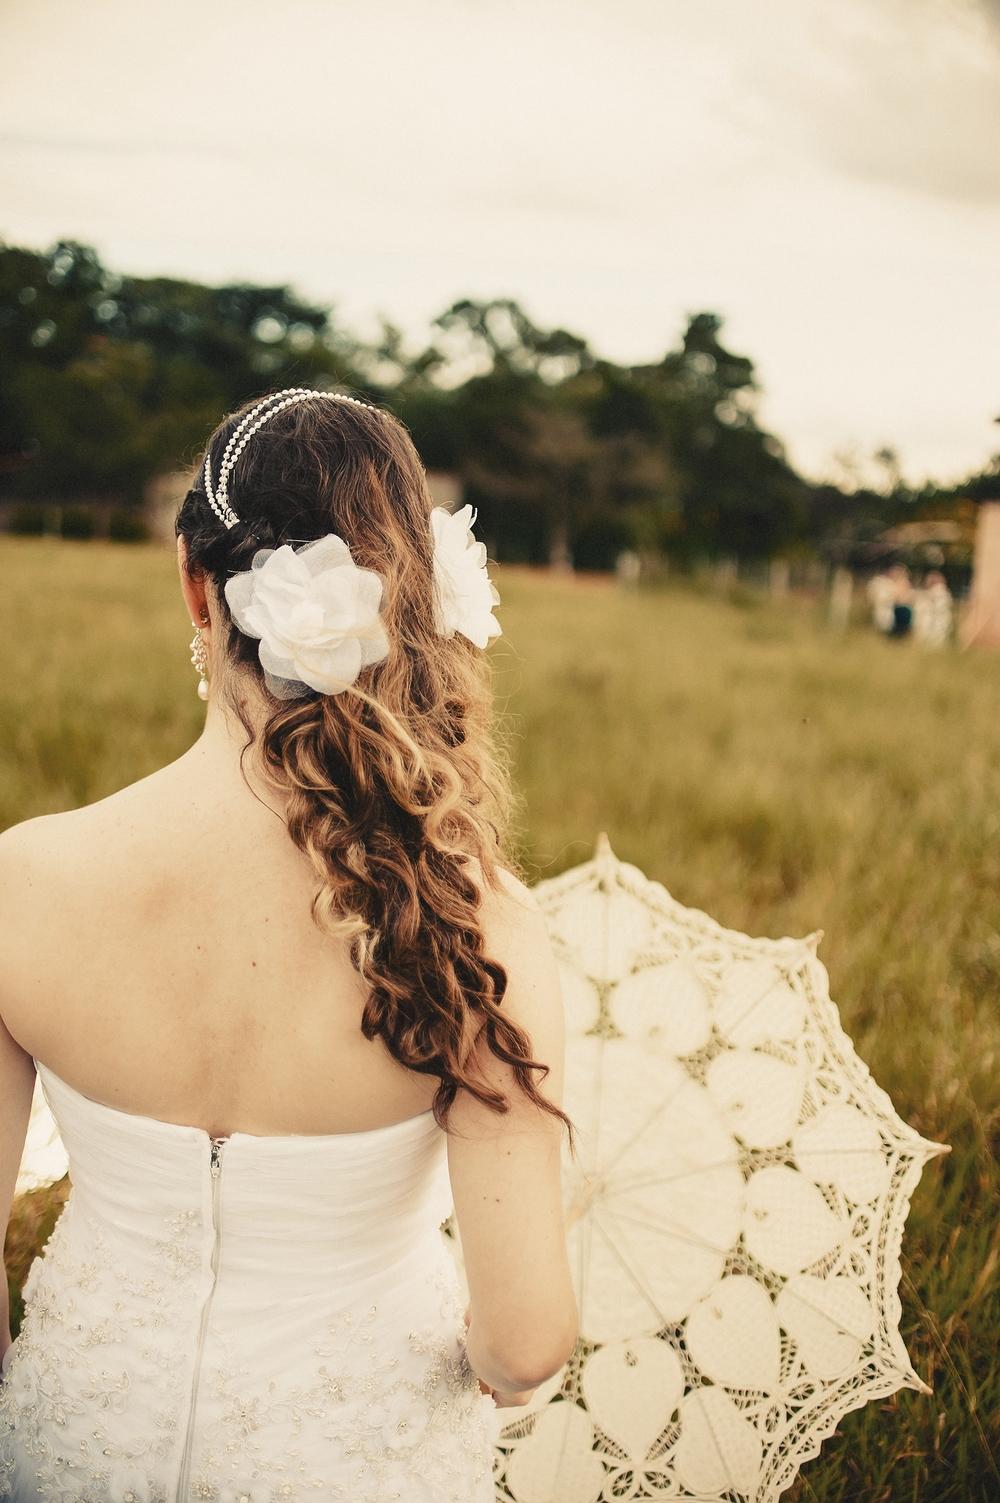 Sessao noiva-303-filme.jpg